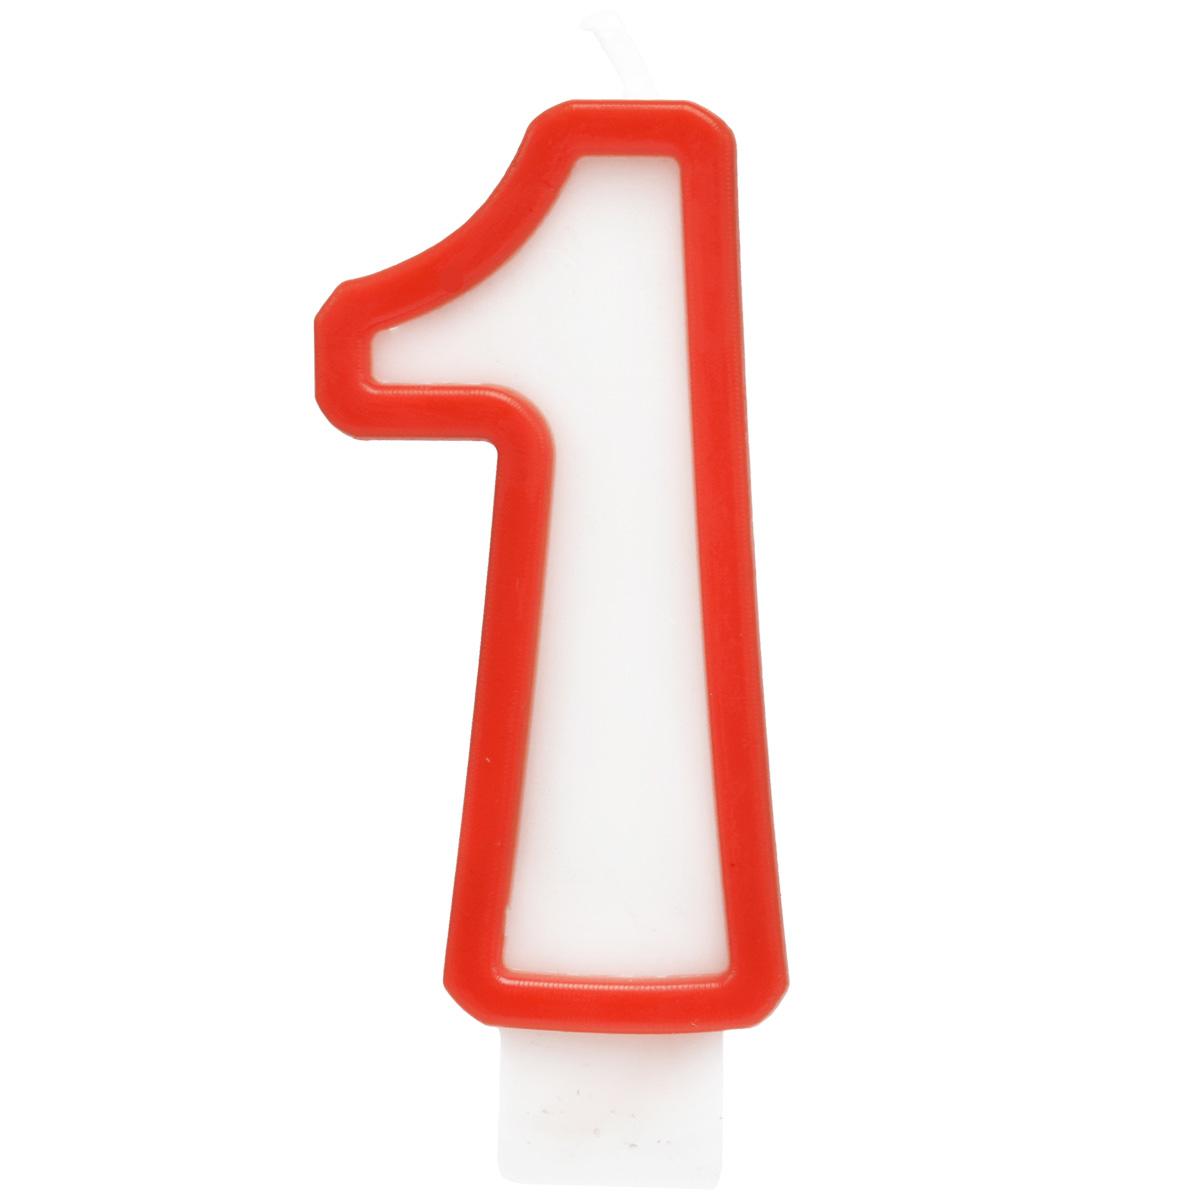 Action! Свеча-цифра для торта 1 год цвет красный action свеча цифра для торта 4 года цвет салатовый